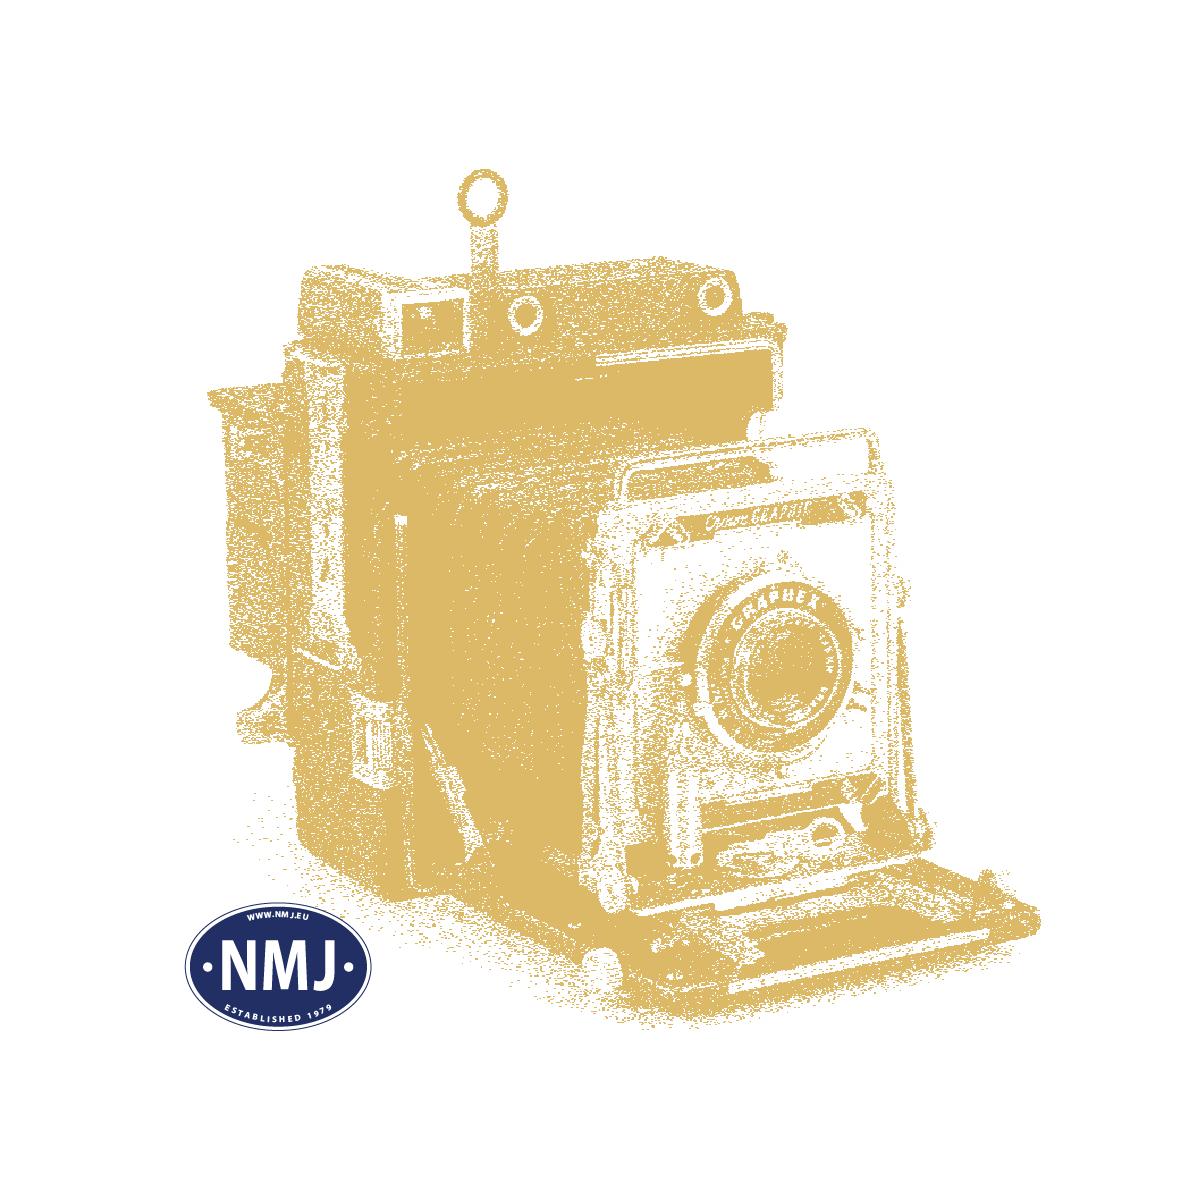 NMJT101.304 - NMJ Topline Schlafwagen WLABK 21080 der NSB, rot/schwarz